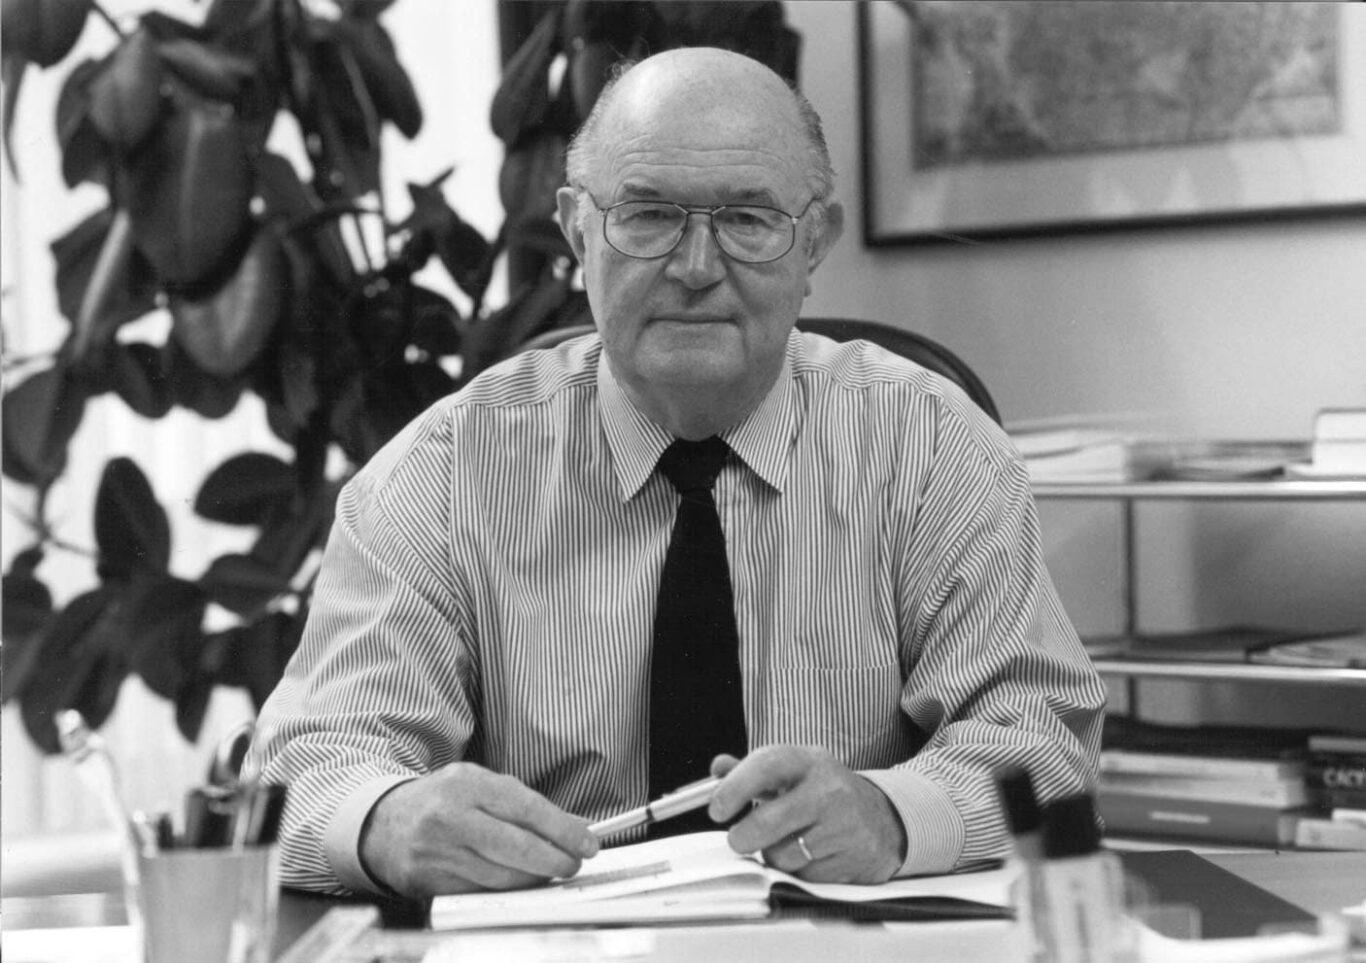 Arno Krause